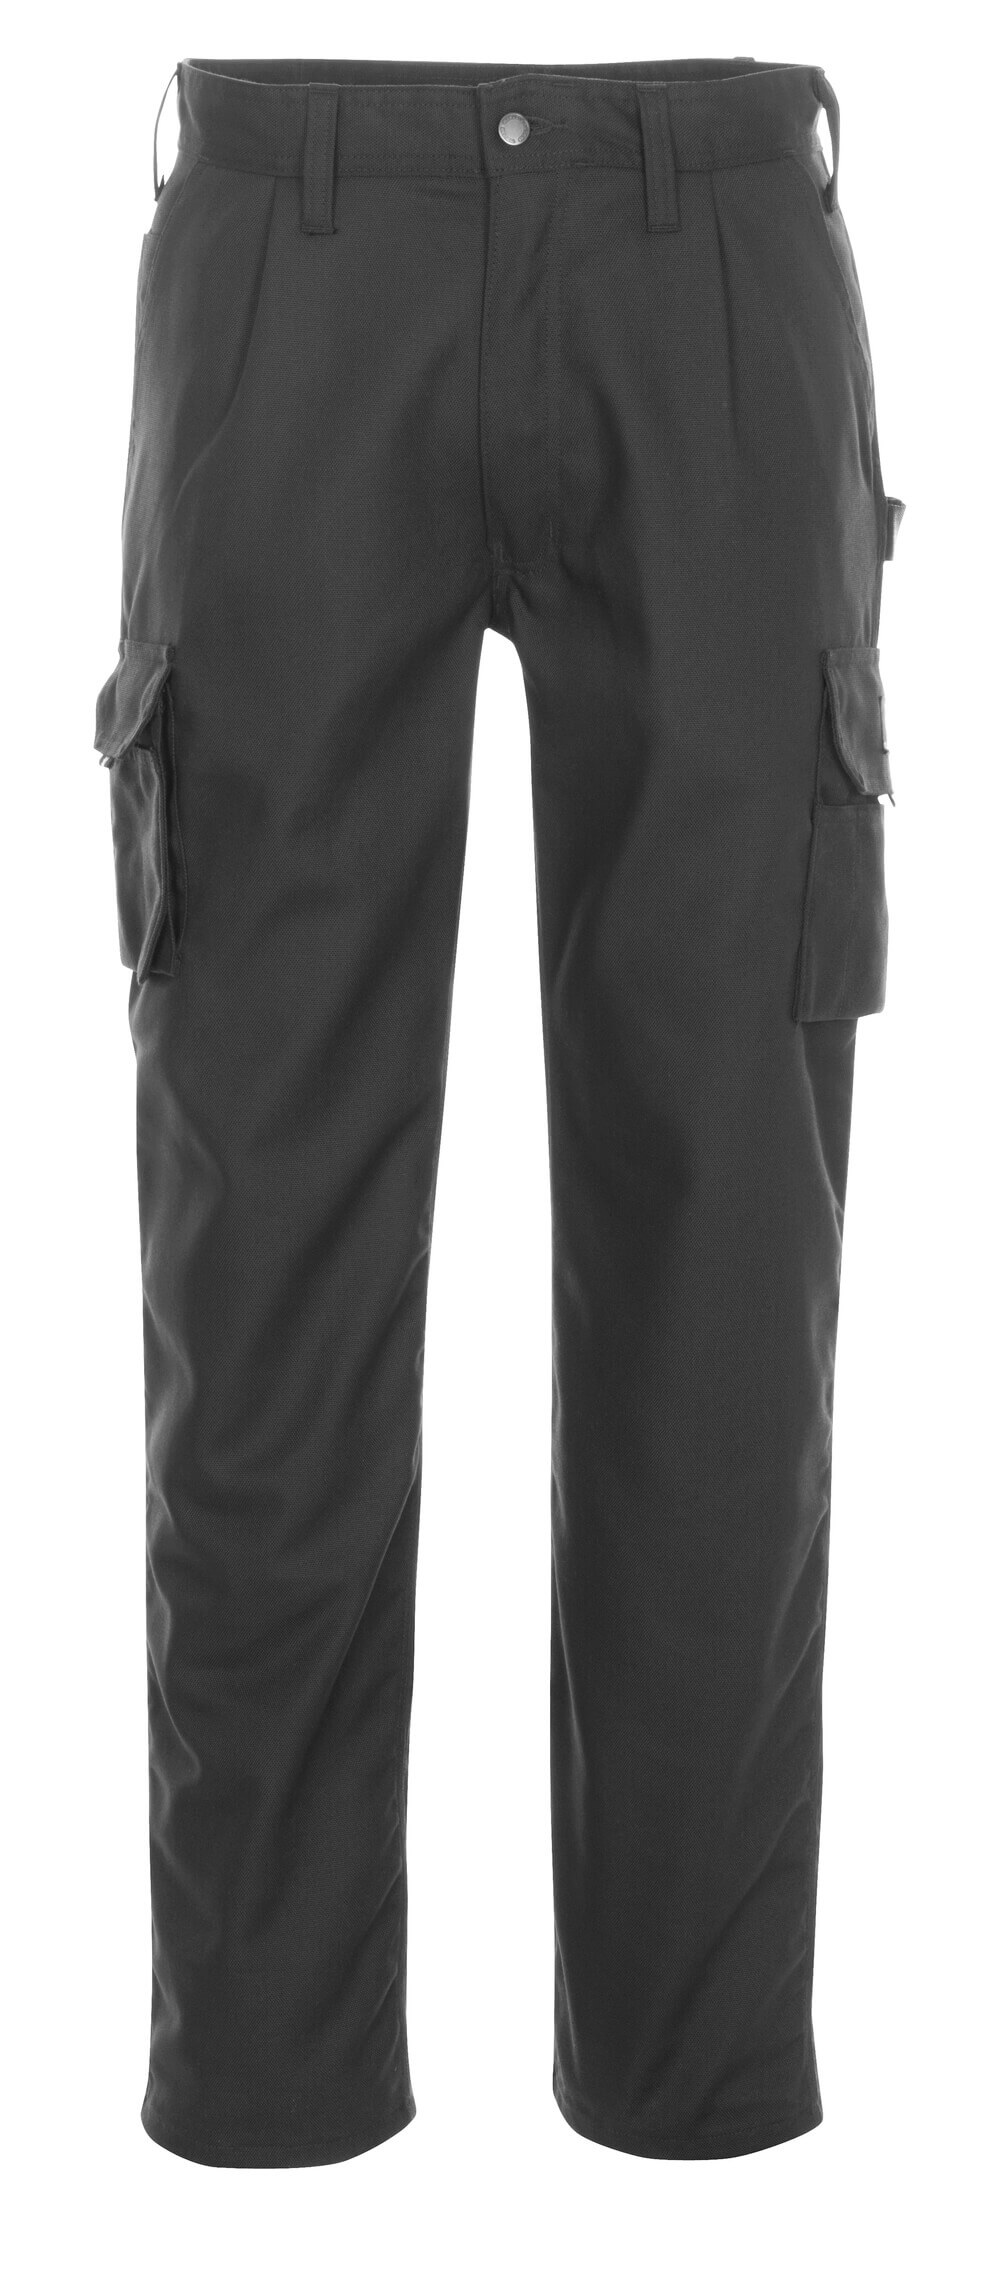 03079-010-09 Hose mit Schenkeltaschen - Schwarz